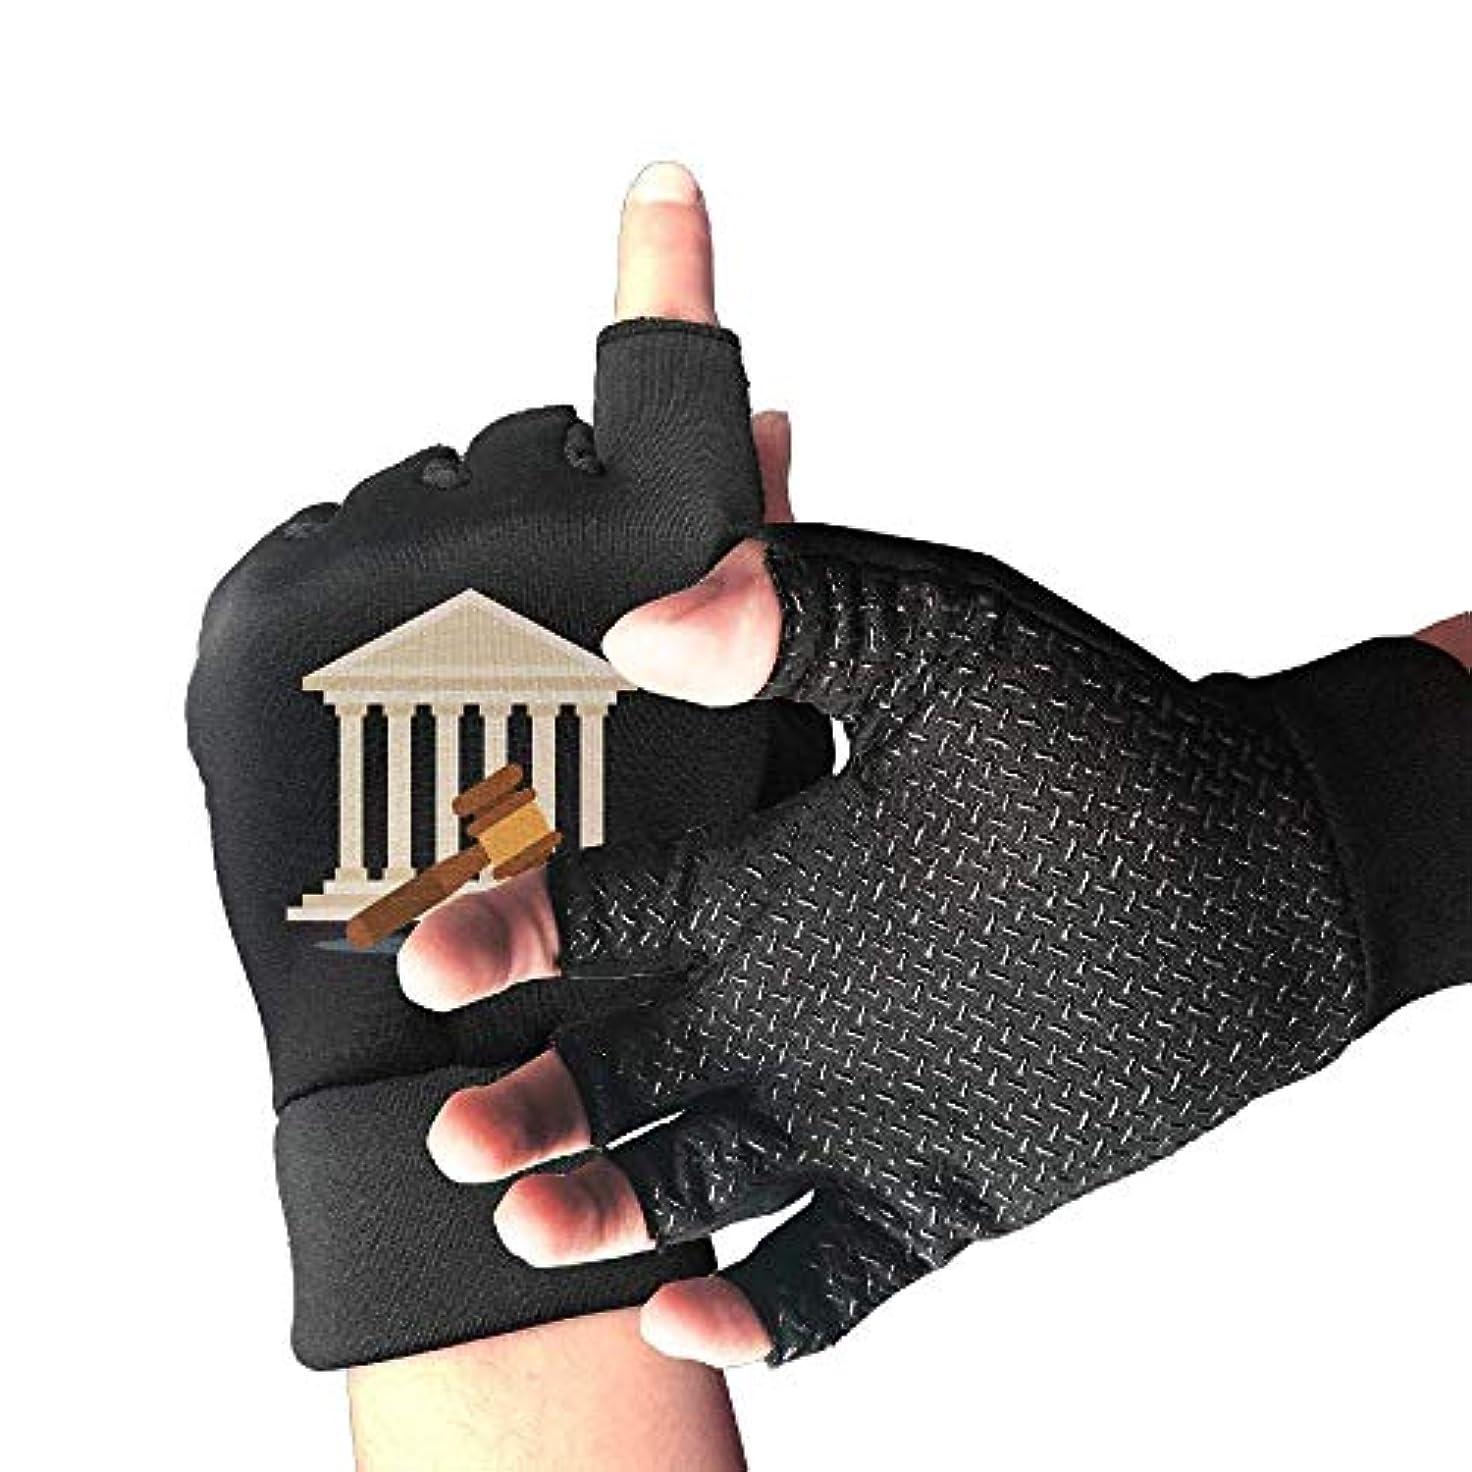 軍隊ジャンプ特権的Cycling Gloves It is Law Men's/Women's Mountain Bike Gloves Half Finger Anti-Slip Motorcycle Gloves